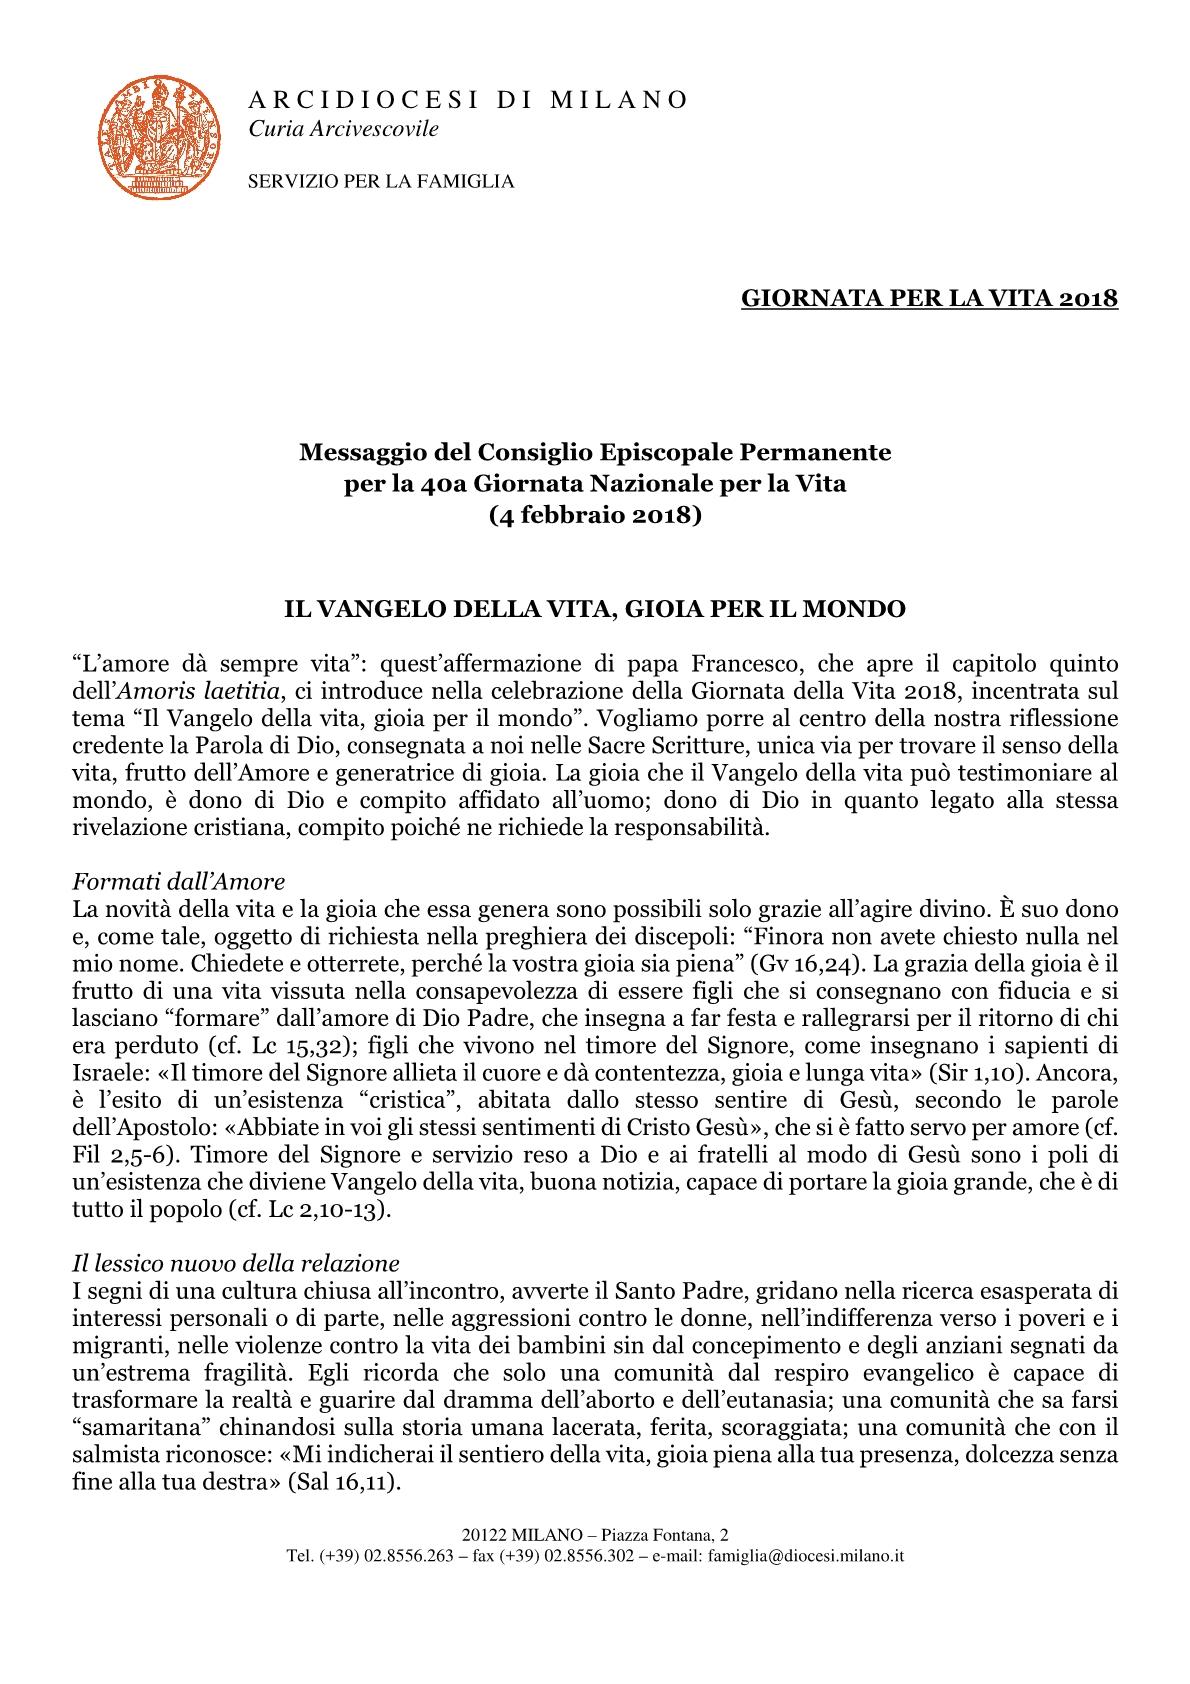 GIORNATA-PER-LA-VITA-20181